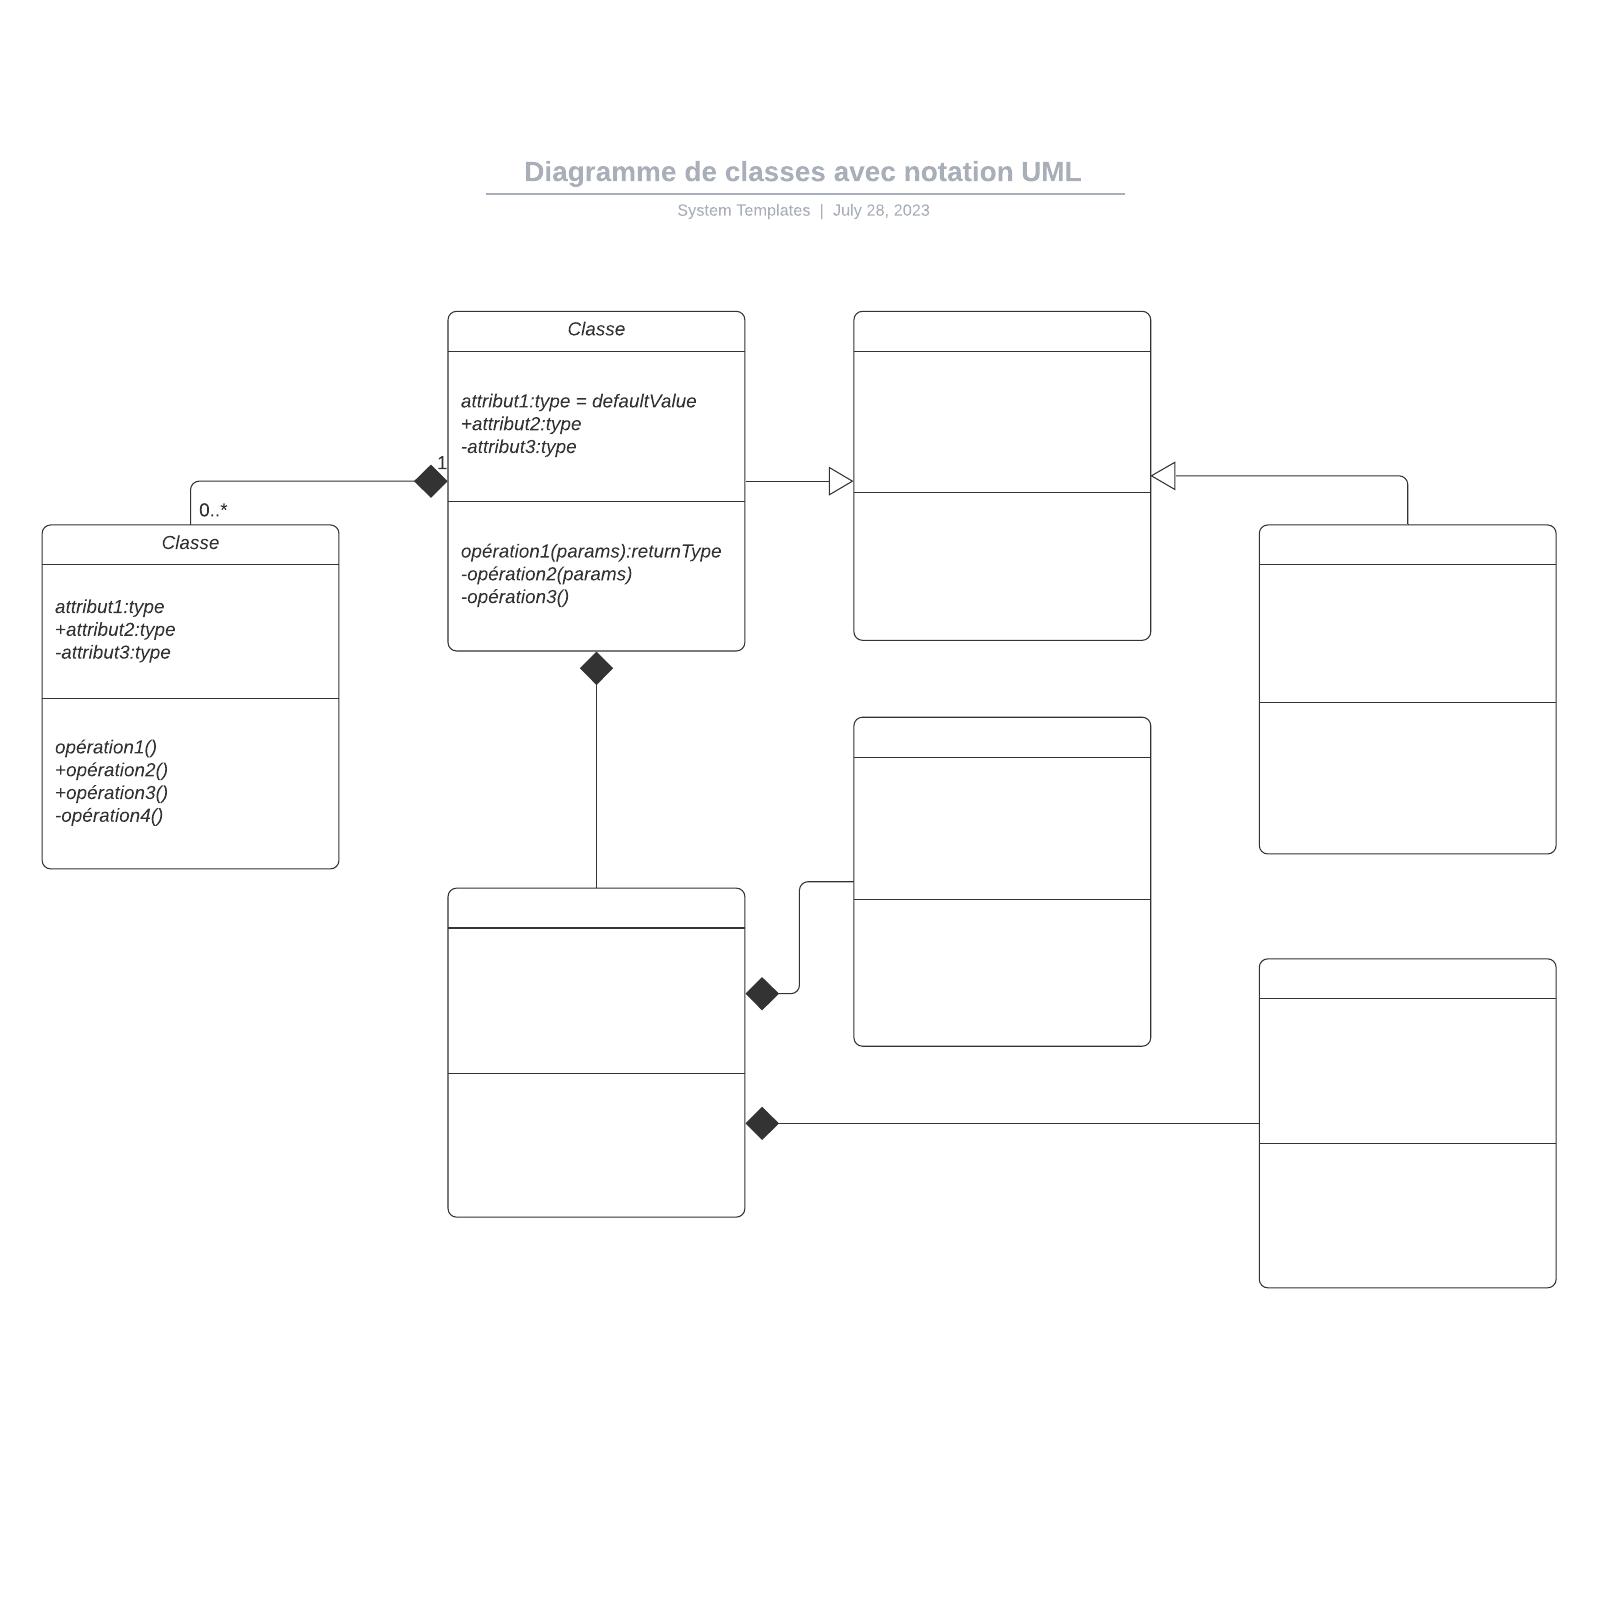 exemple de diagramme de classes avec notation UML